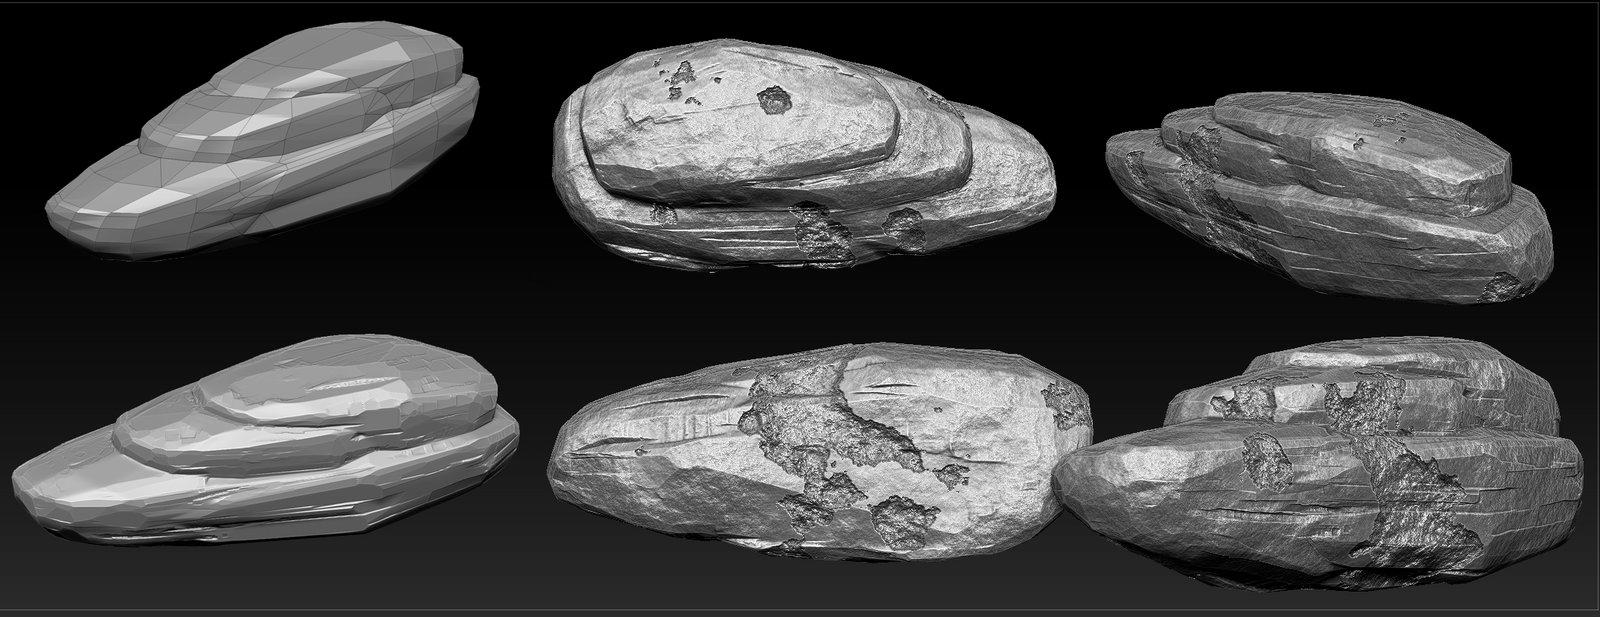 Dan ene rock sculpt zbrush by idanene d7s6fdo